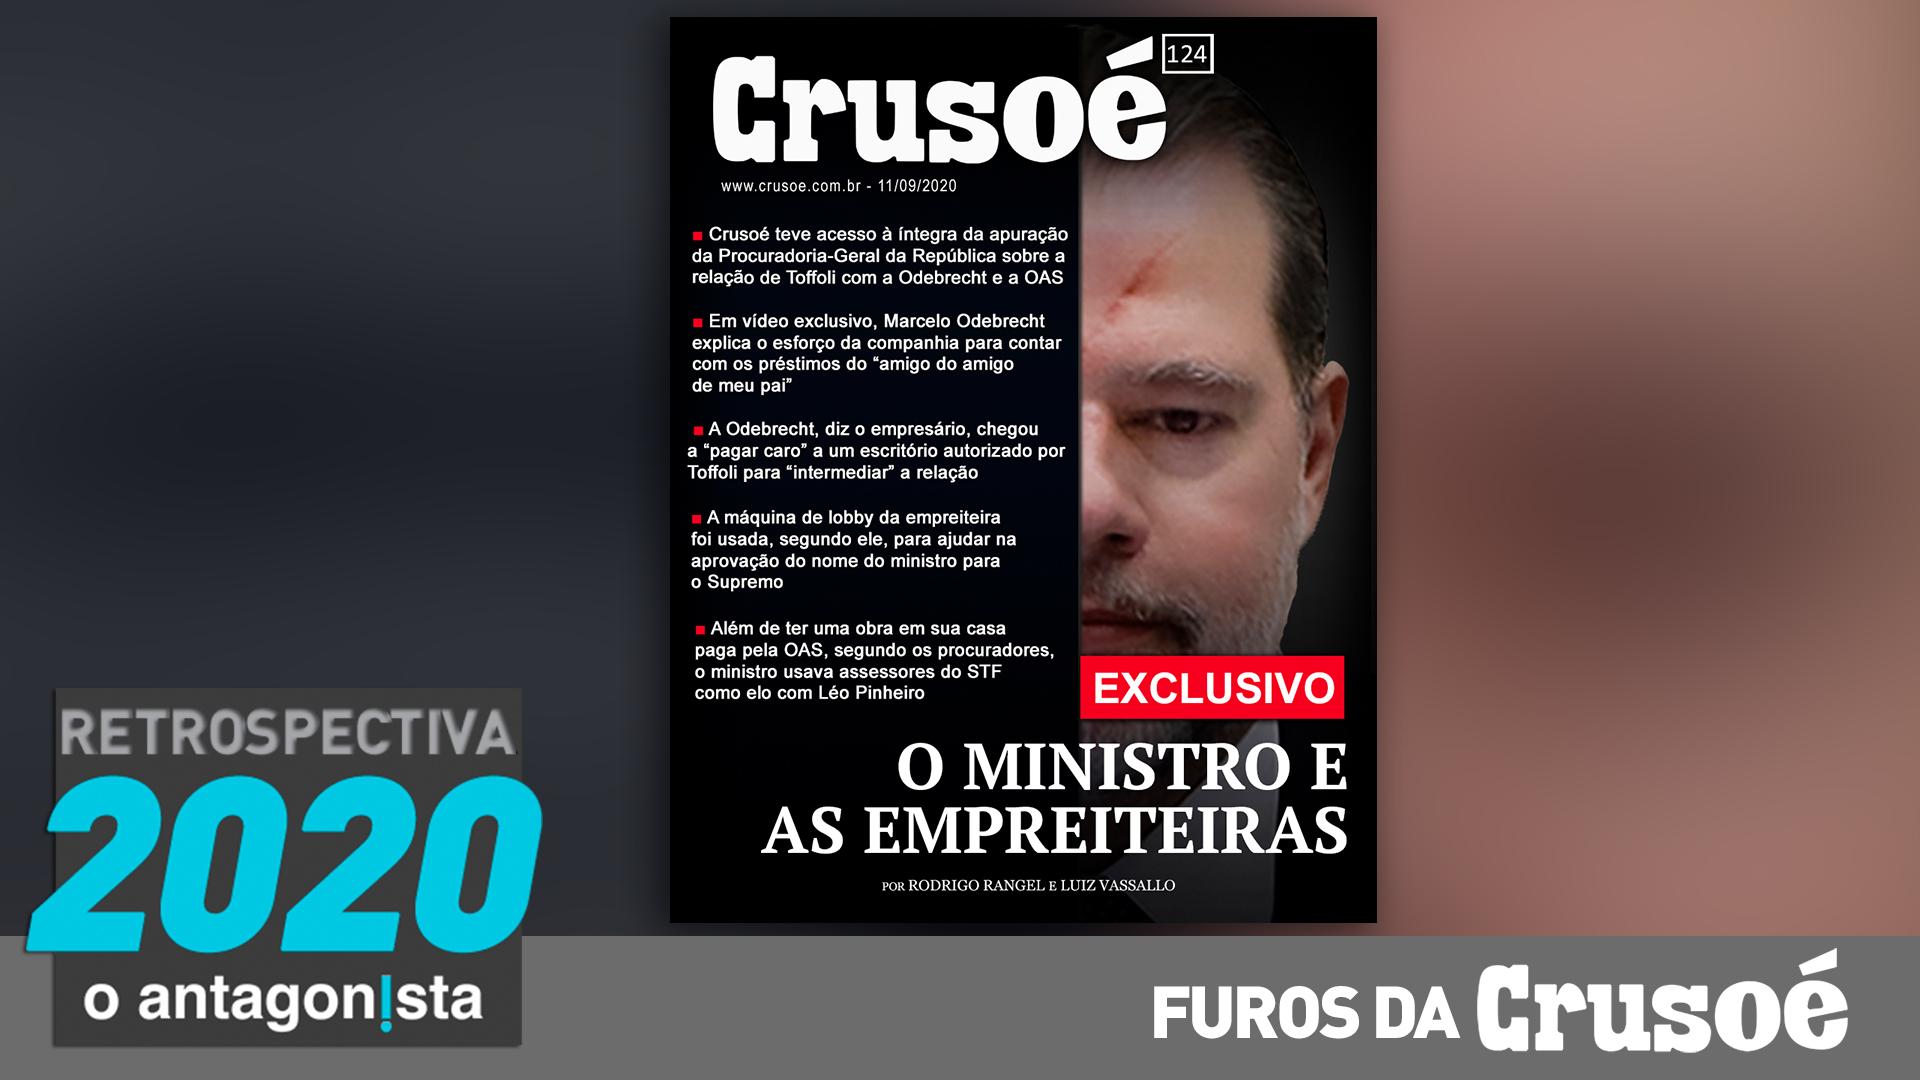 IMAGEM: Furos da Crusoé: o ministro e as empreiteiras